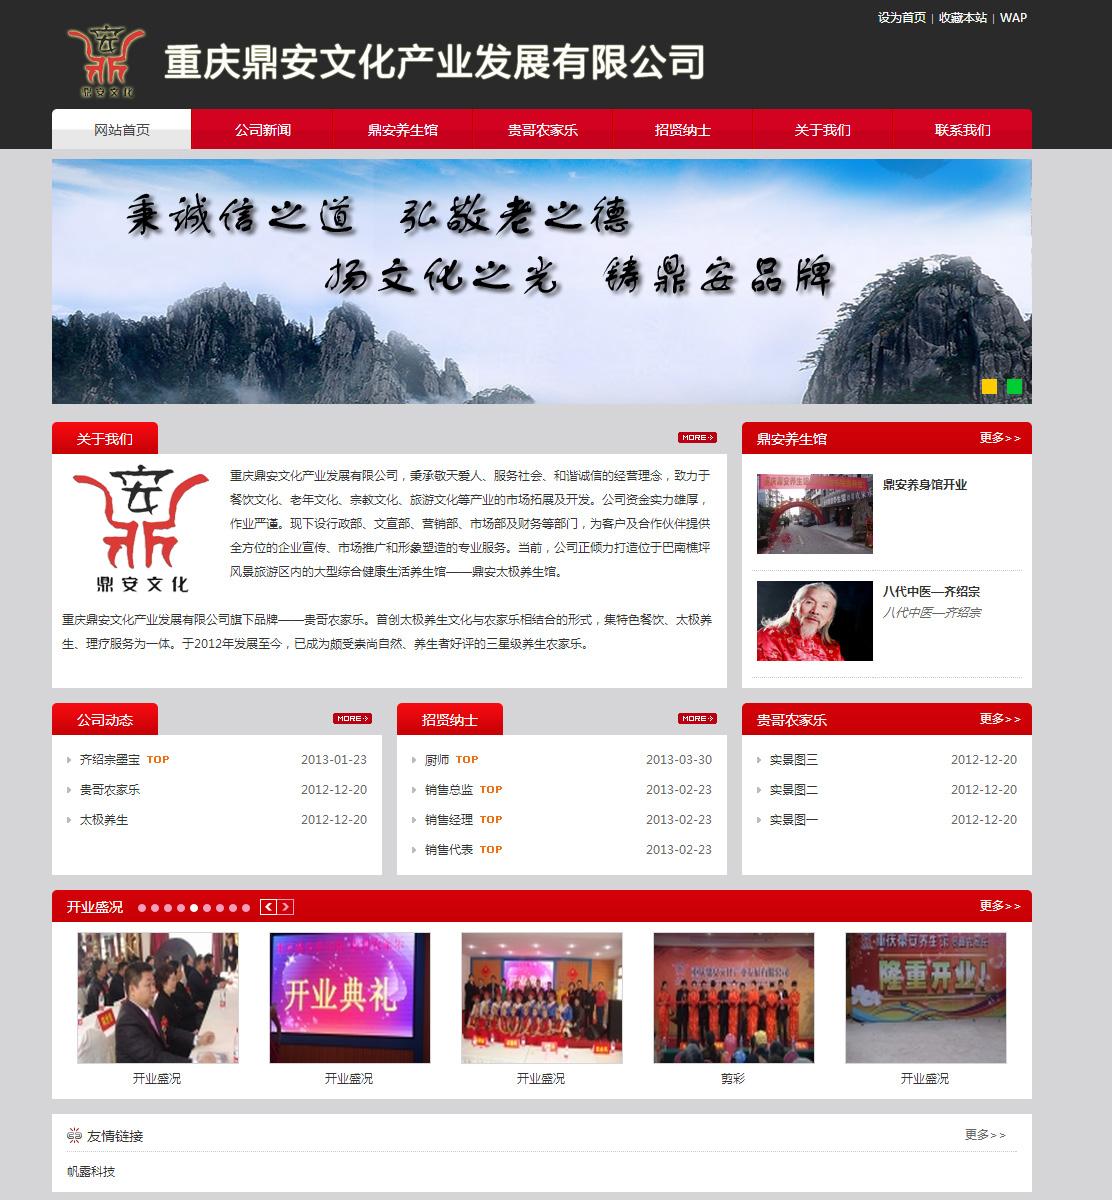 重庆鼎安文化产业发展有限公司